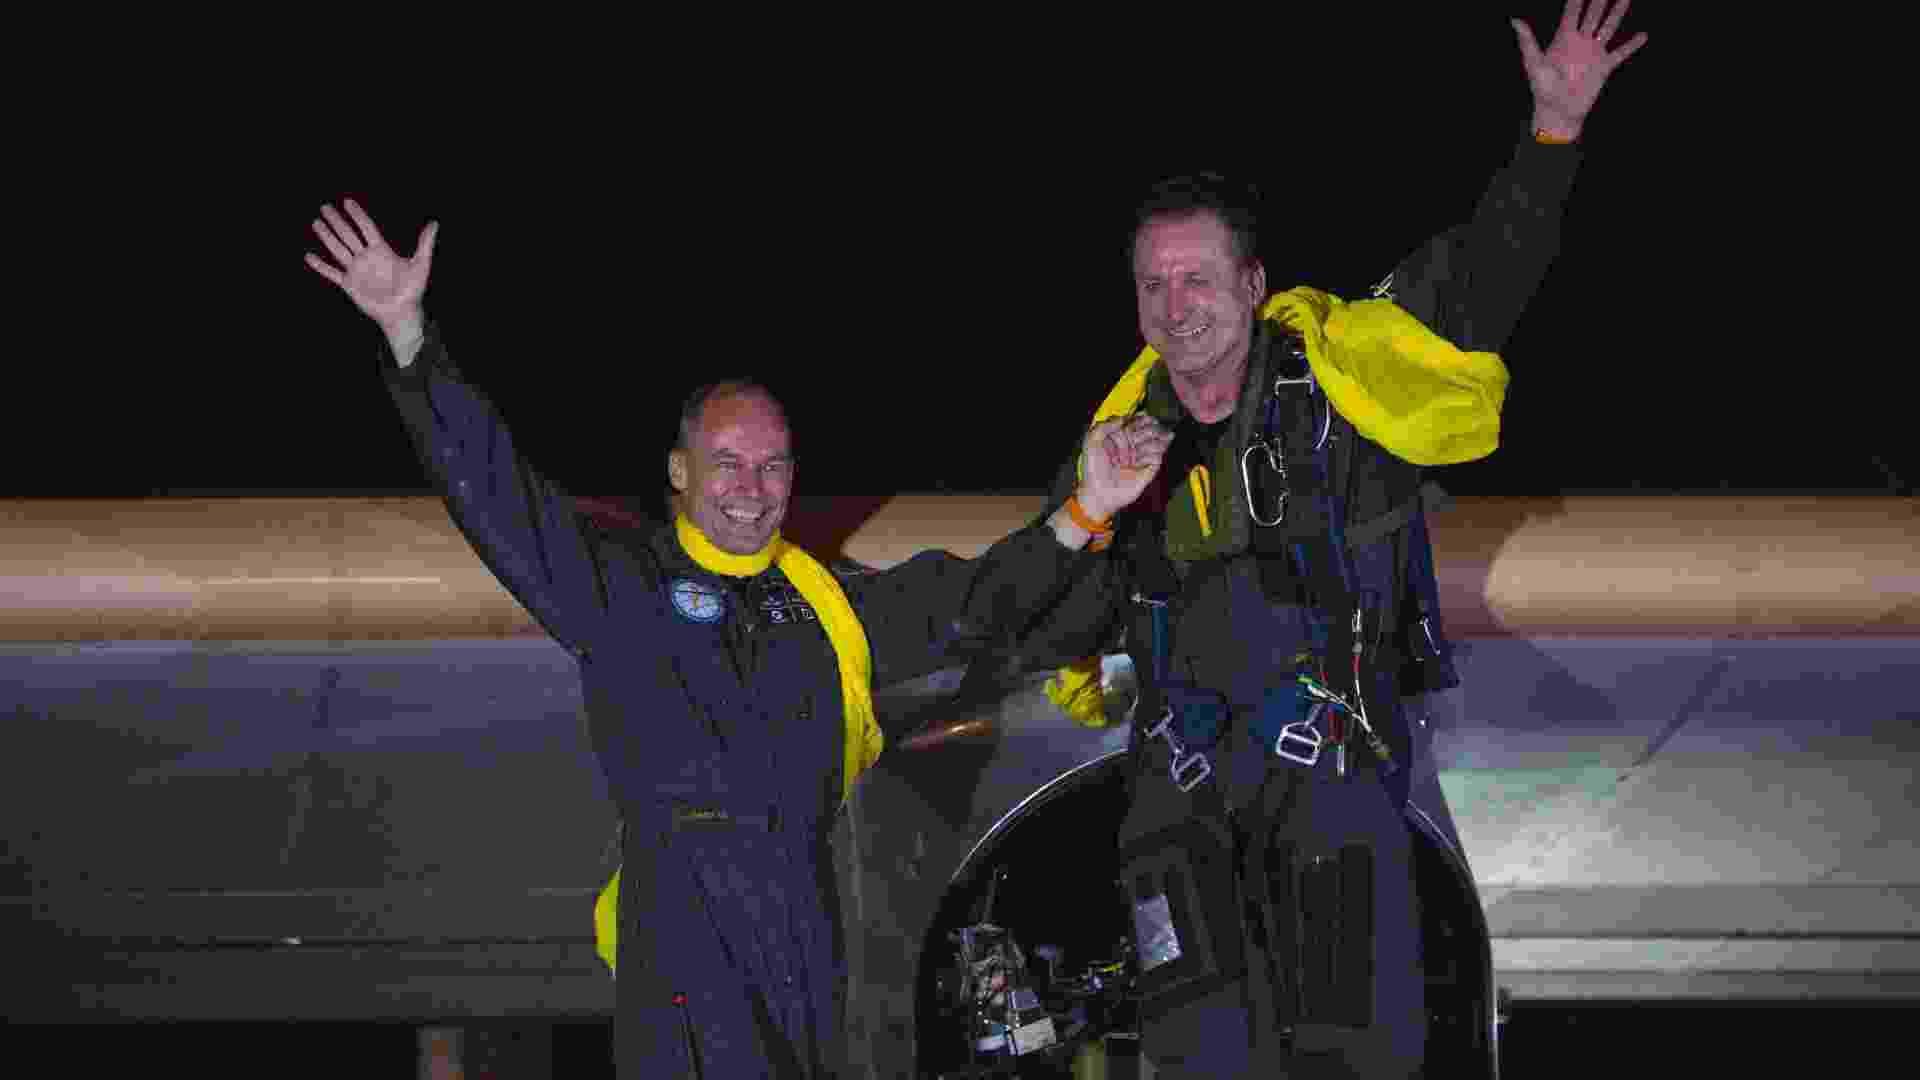 6.jul.2013-  Pilotos Bertrand Piccard e Andre Borschberg (direita) acenam após o avião solar aterrissar no aeroporto JFK, em Nova York, depois de ter atravessado os EUA por dois meses - Reuters/Eric Thayer